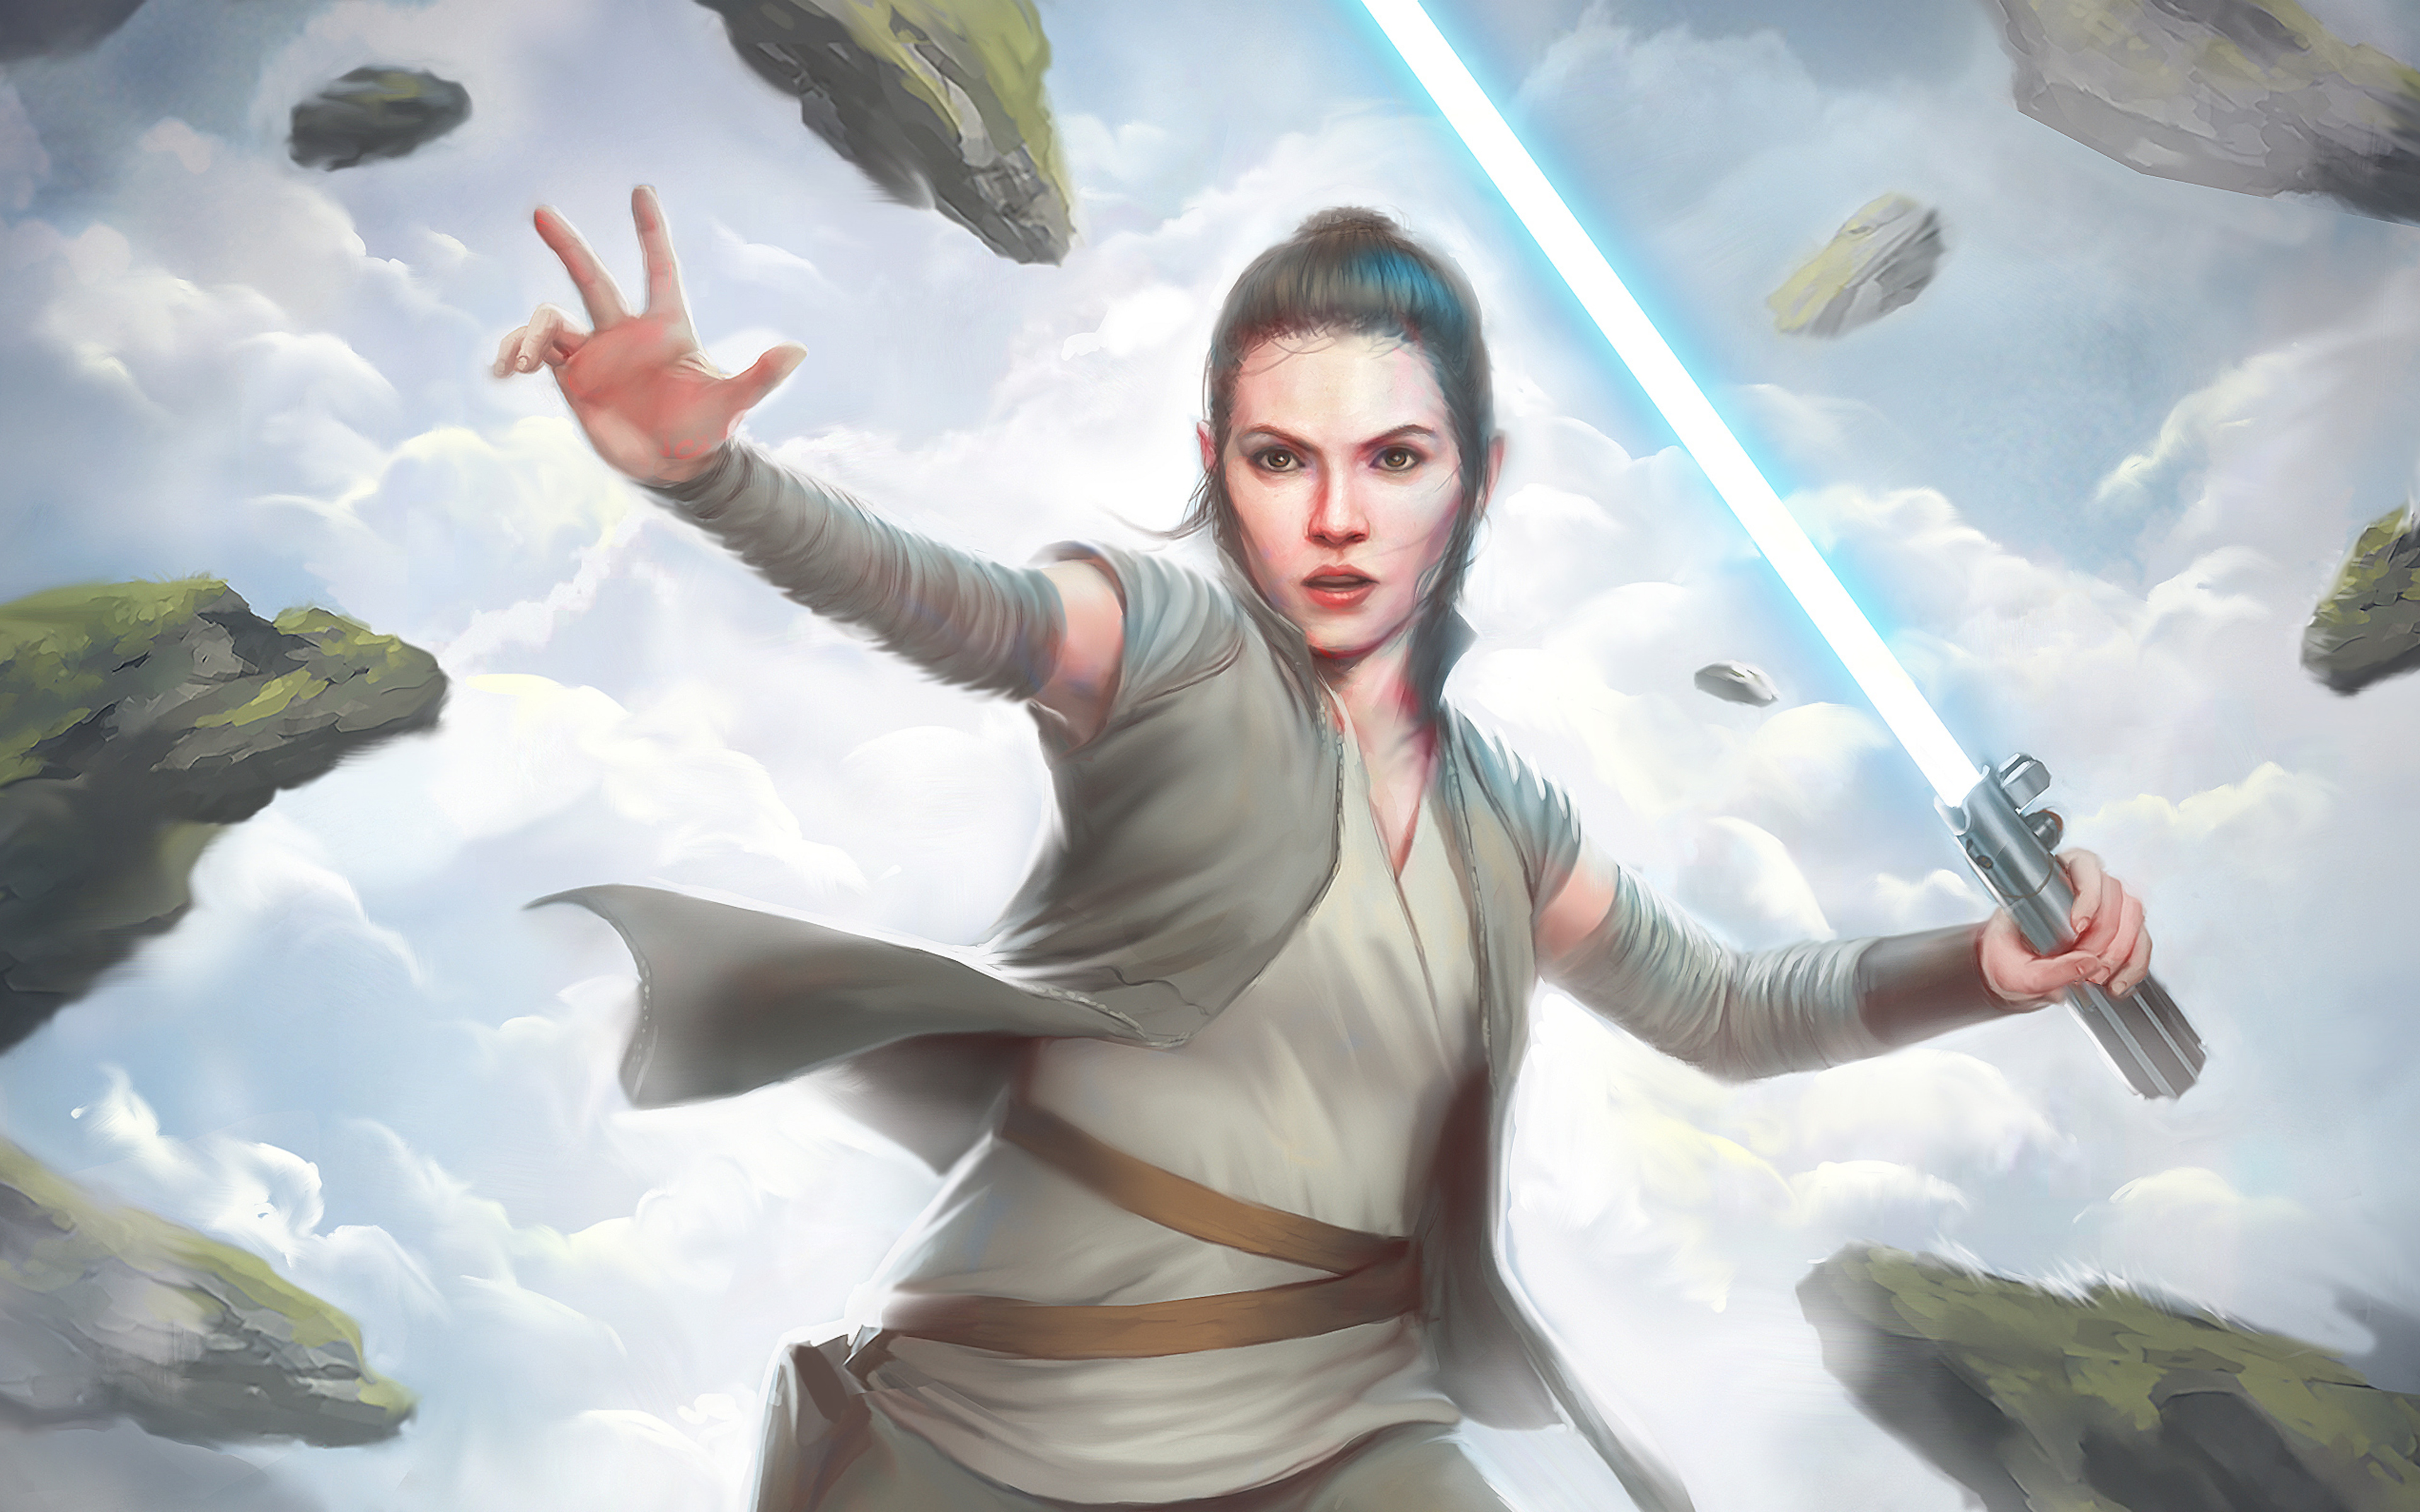 rey-light-saber-art-gw.jpg